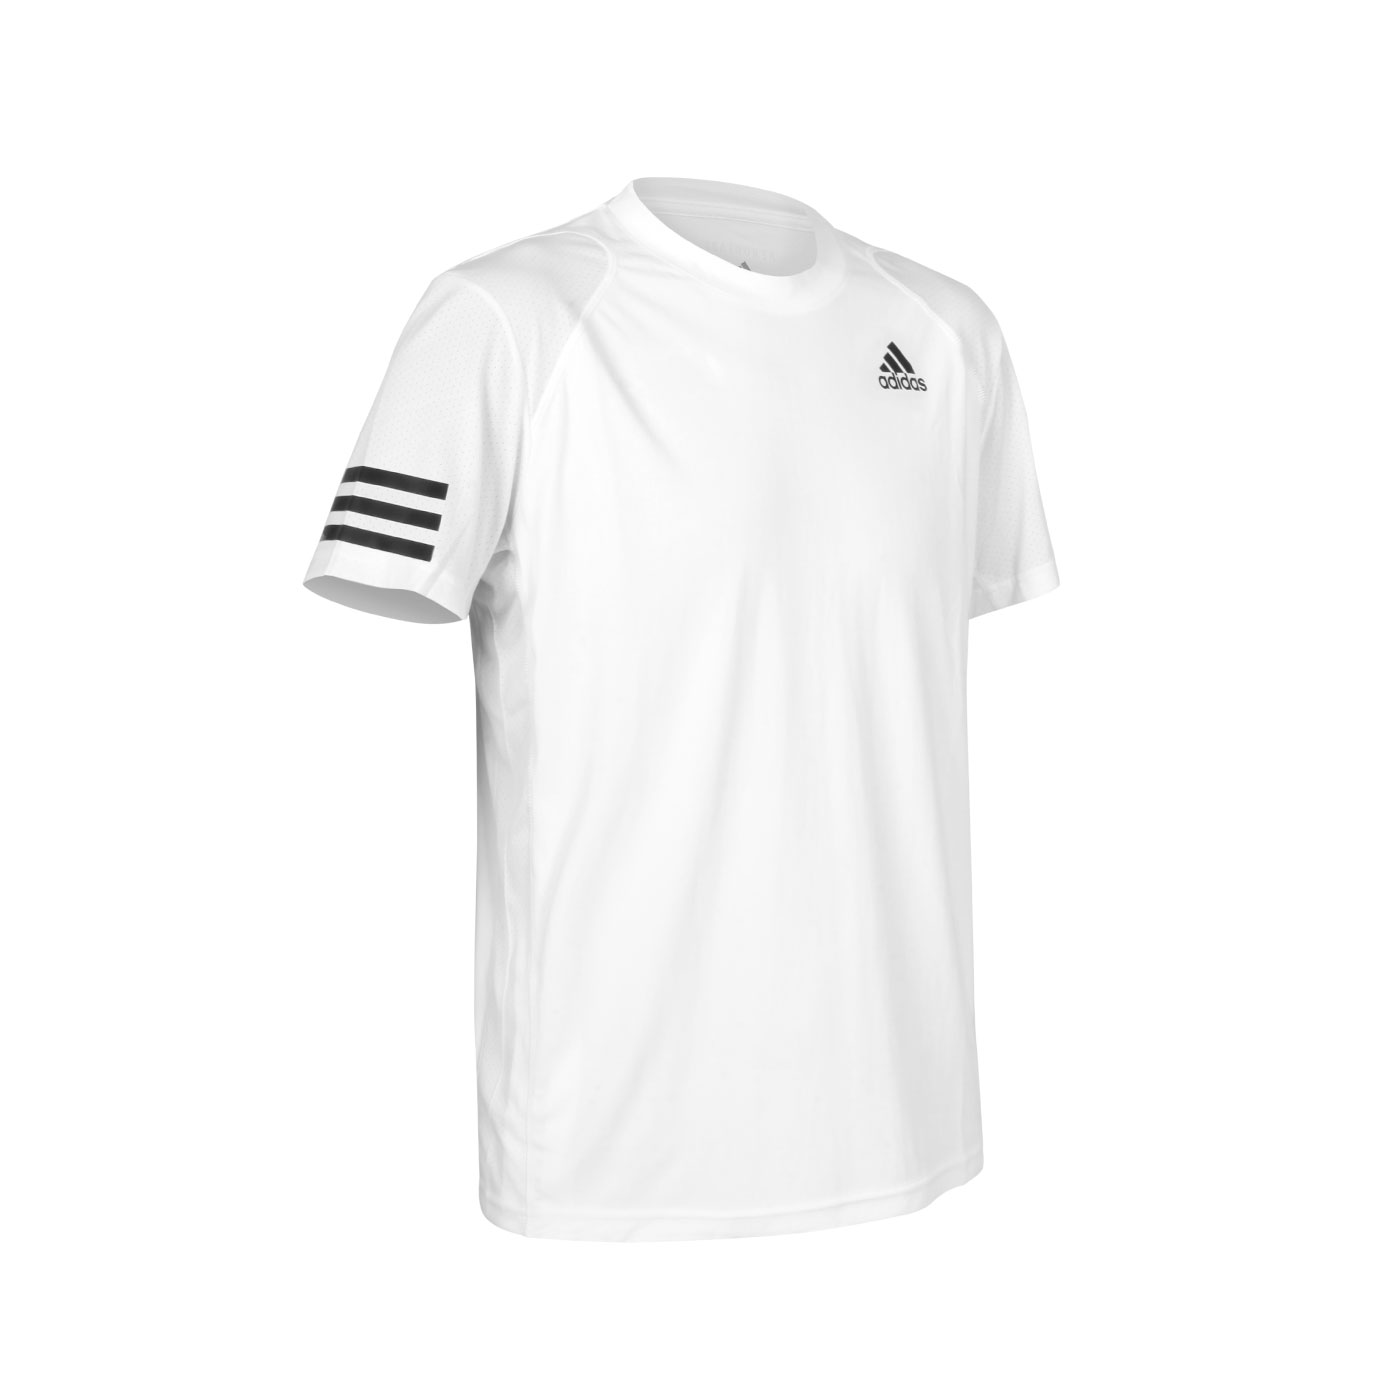 ADIDAS 男款短袖T恤 GL5401